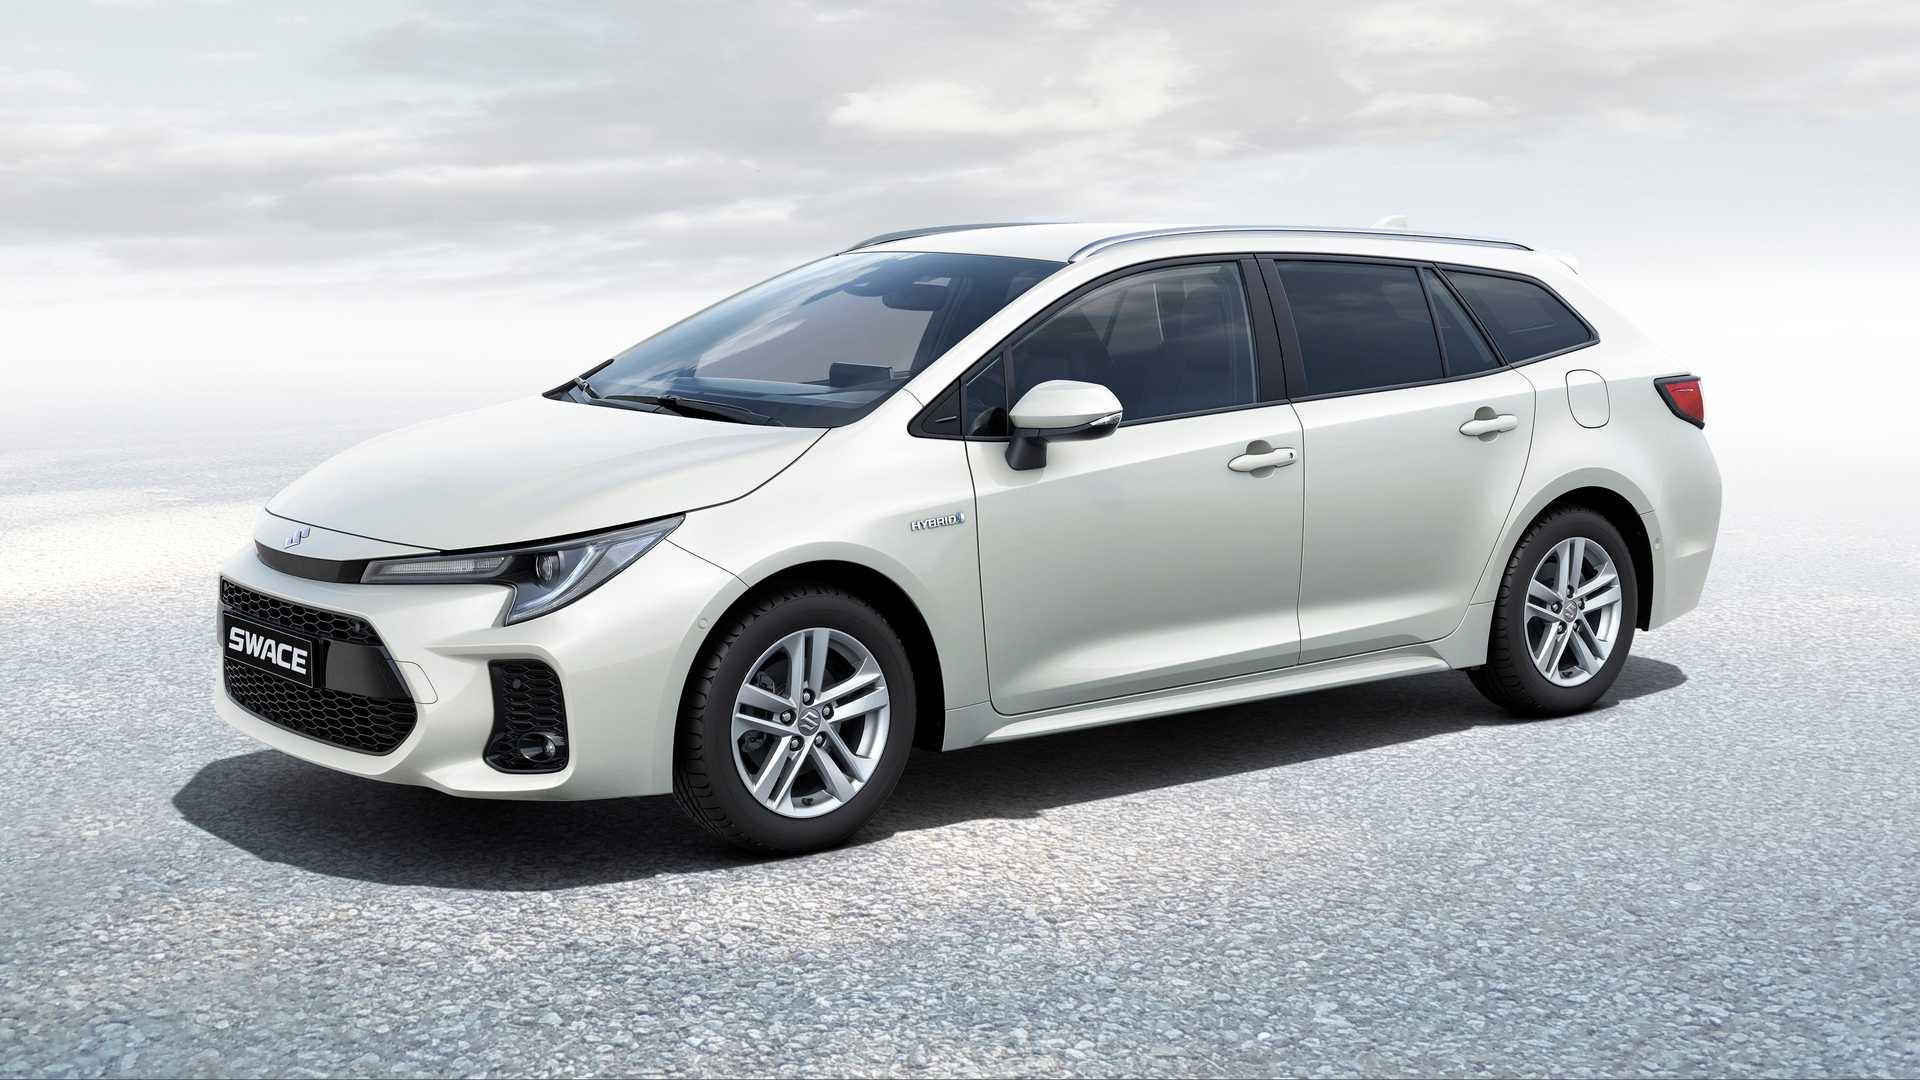 Toyota Corolla verwandelt sich in einen Suzuki Swace Kombi